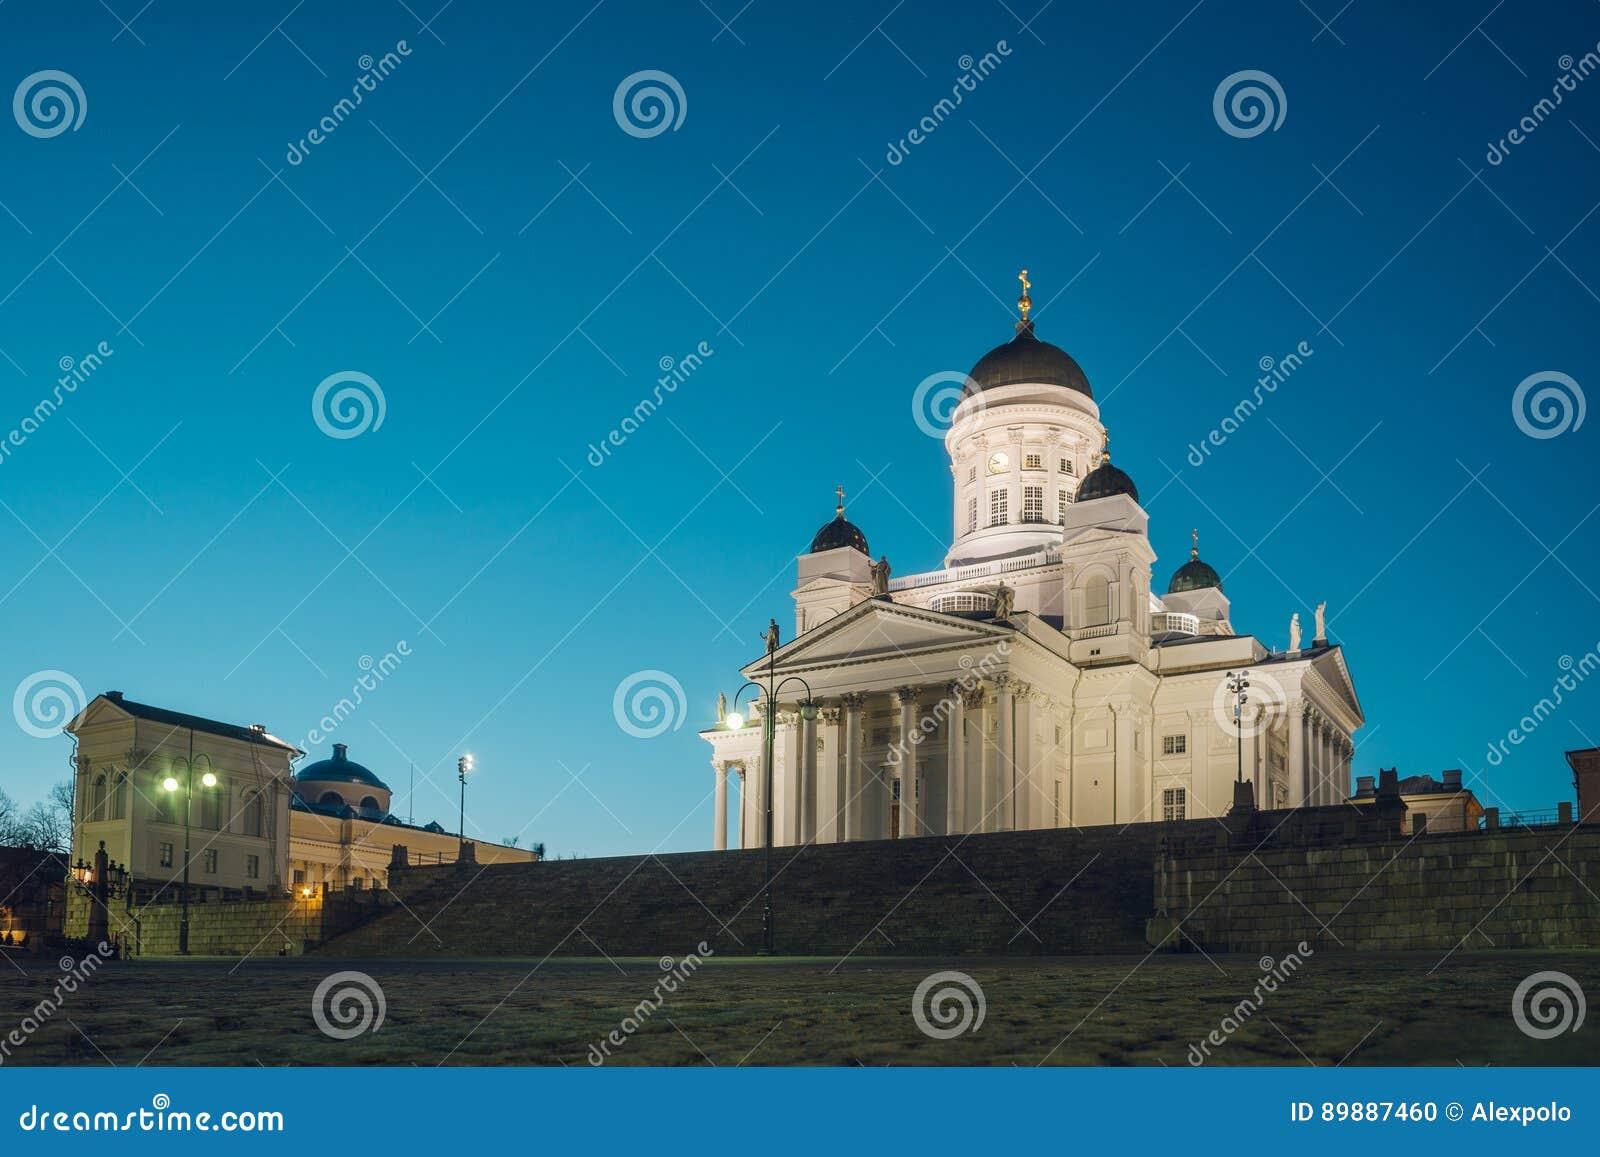 Καθεδρικός ναός του Ελσίνκι μέχρι το βράδυ, Φινλανδία